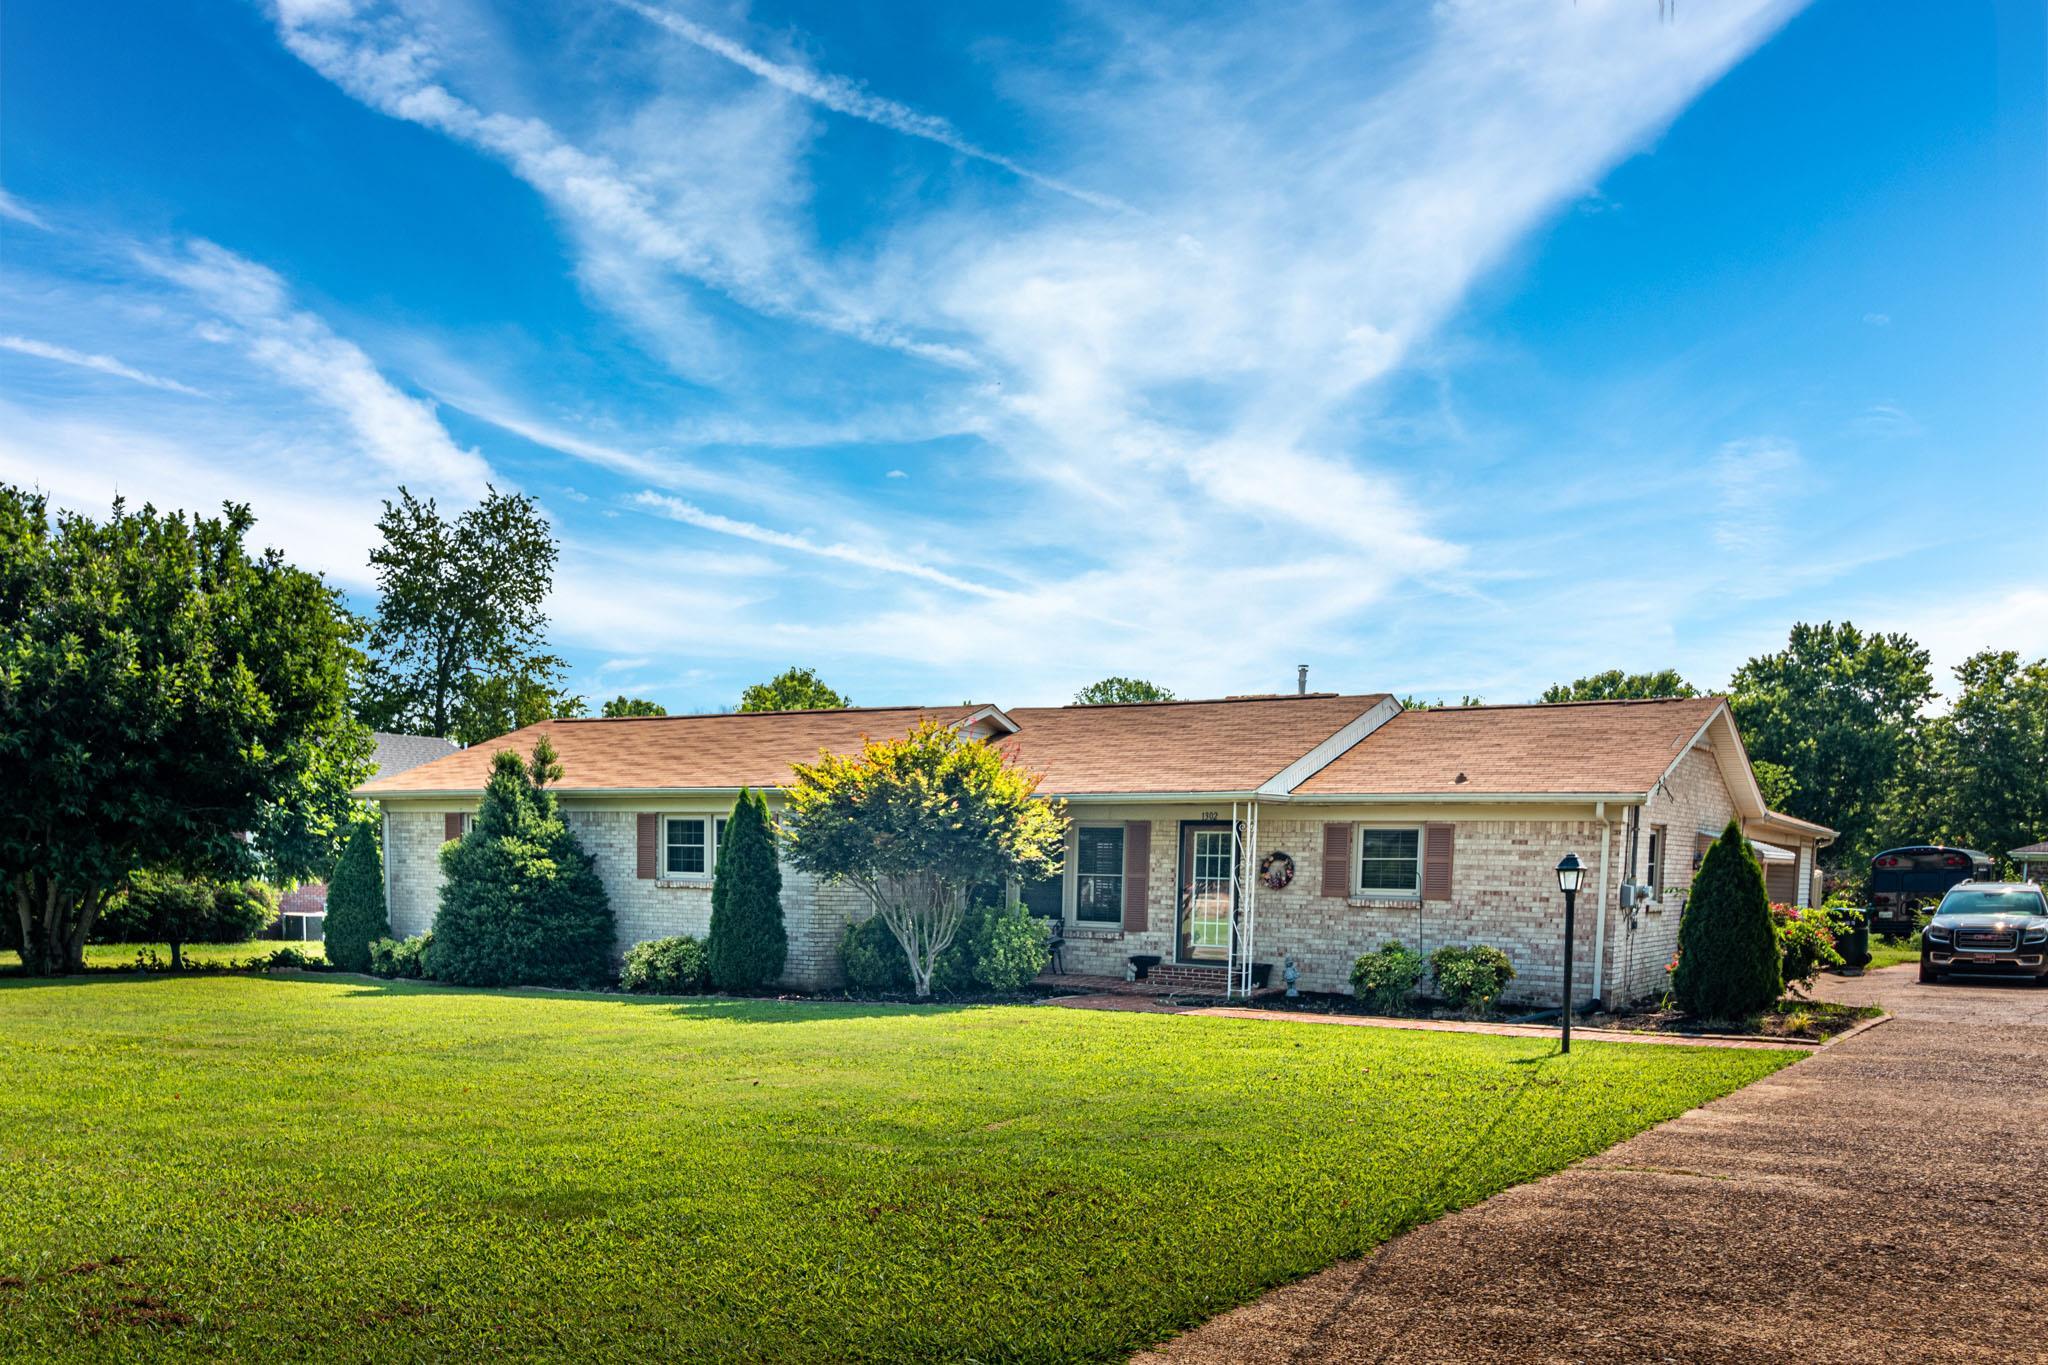 1302 Carroll Dr, Pulaski, TN 38478 - Pulaski, TN real estate listing